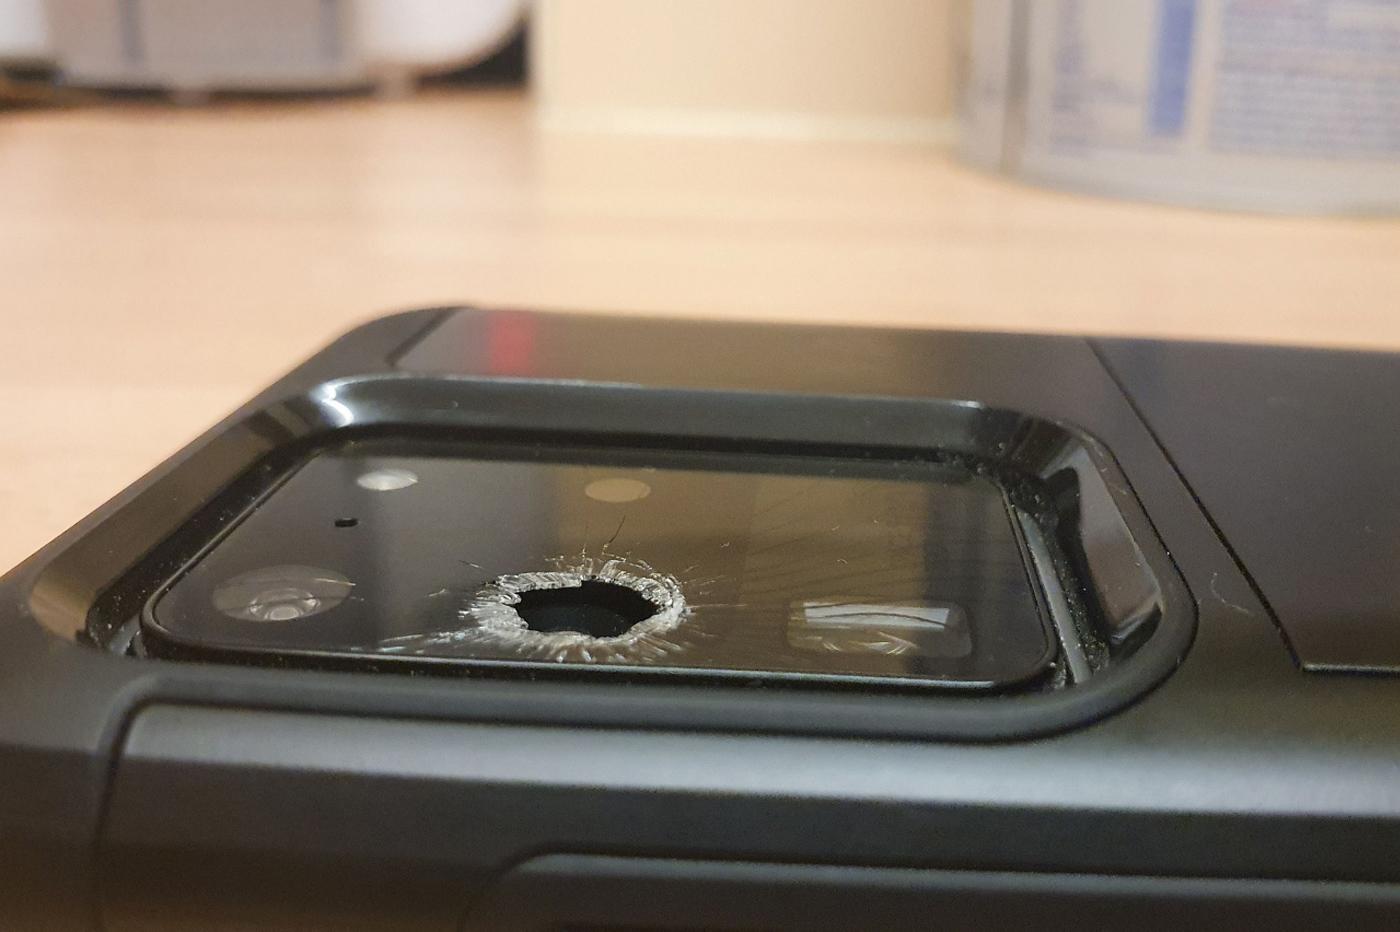 Vitre cassée Samsung Galaxy S20 Ultra